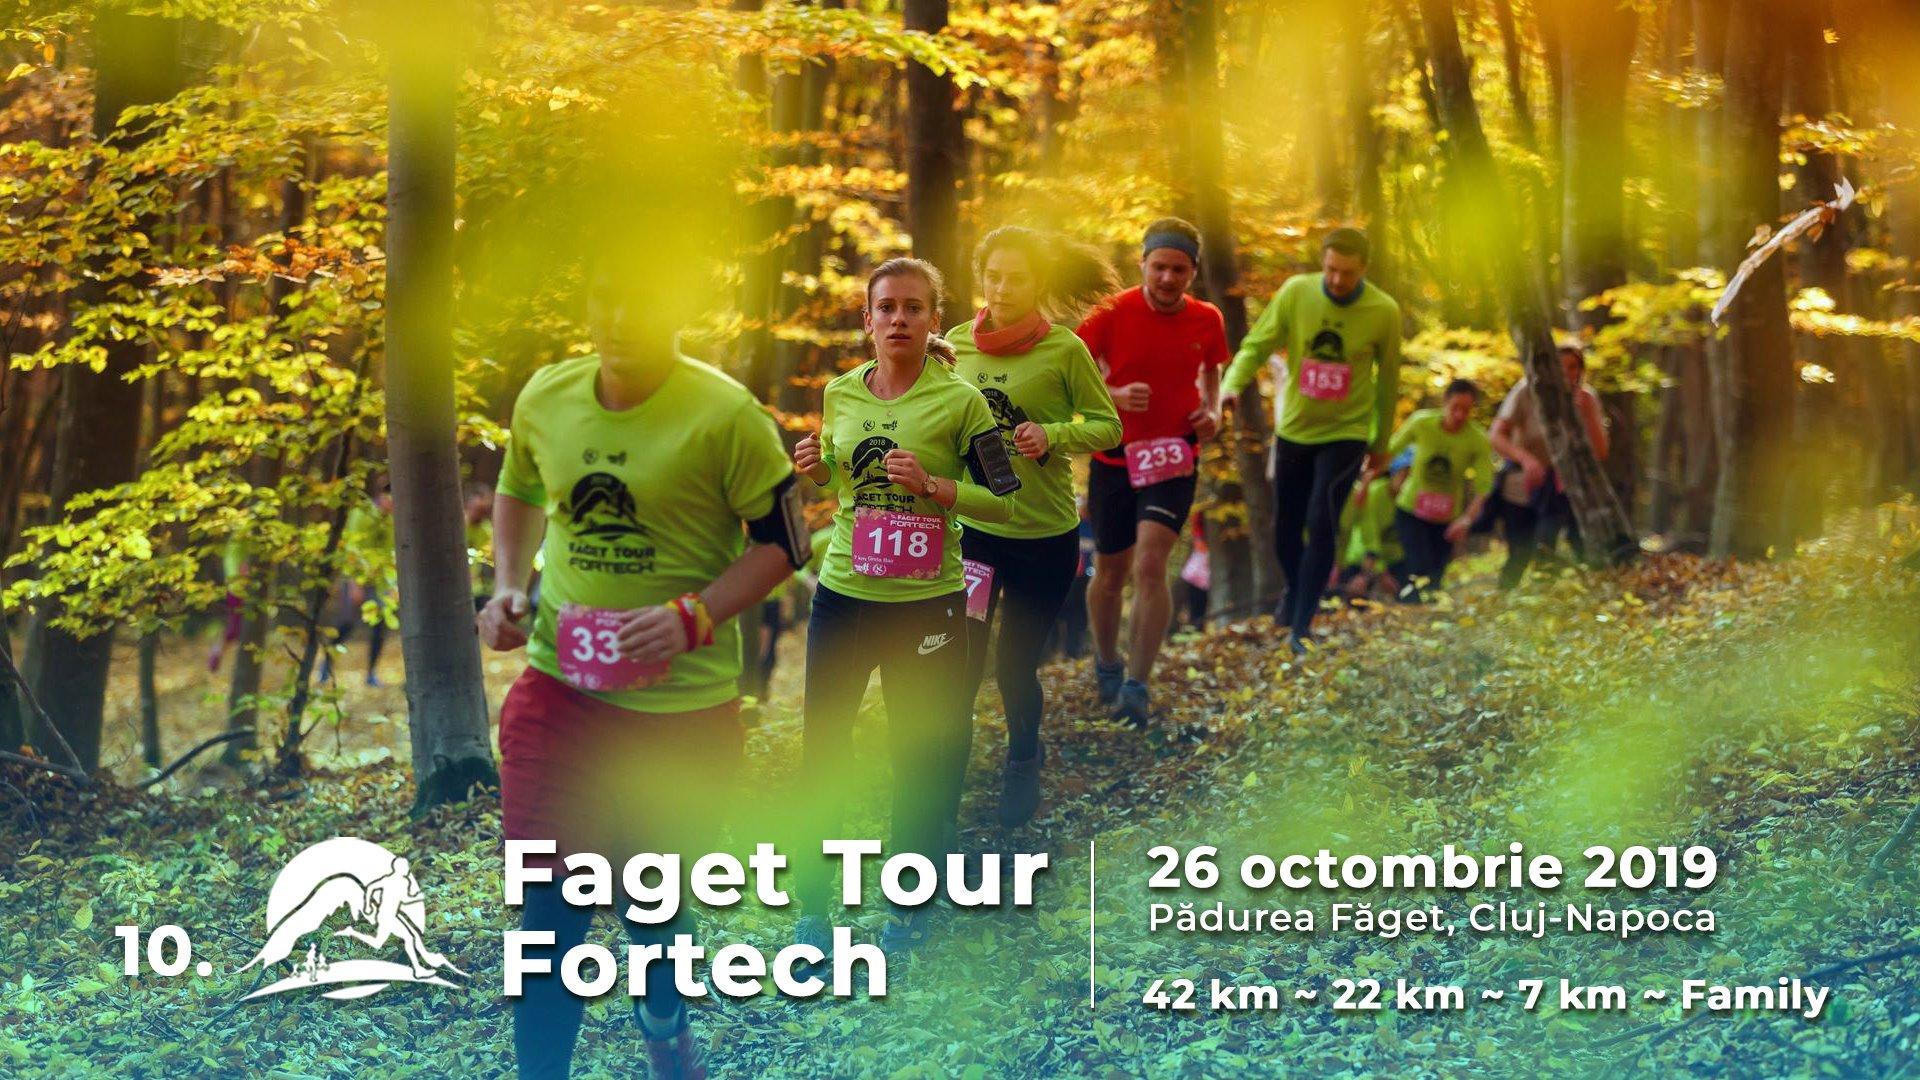 Făget Tour Fortech 2019